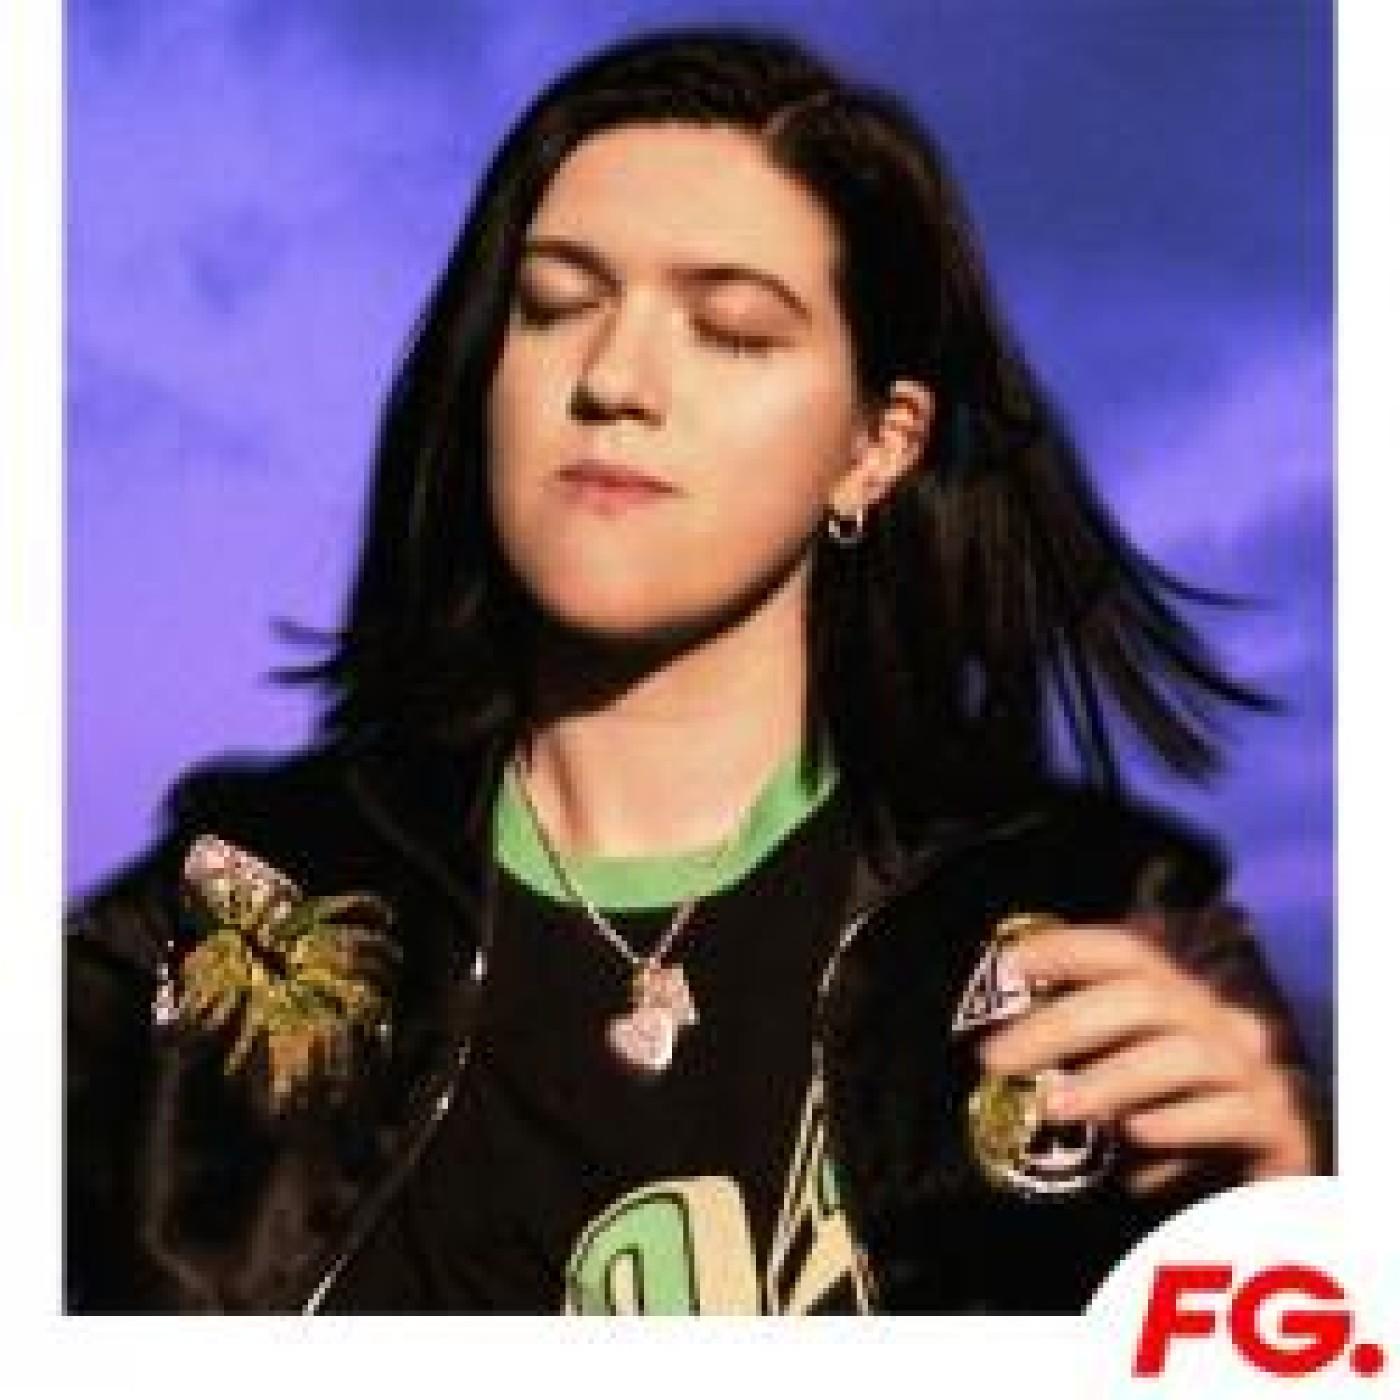 CLUB FG : ROMY (THE XX)